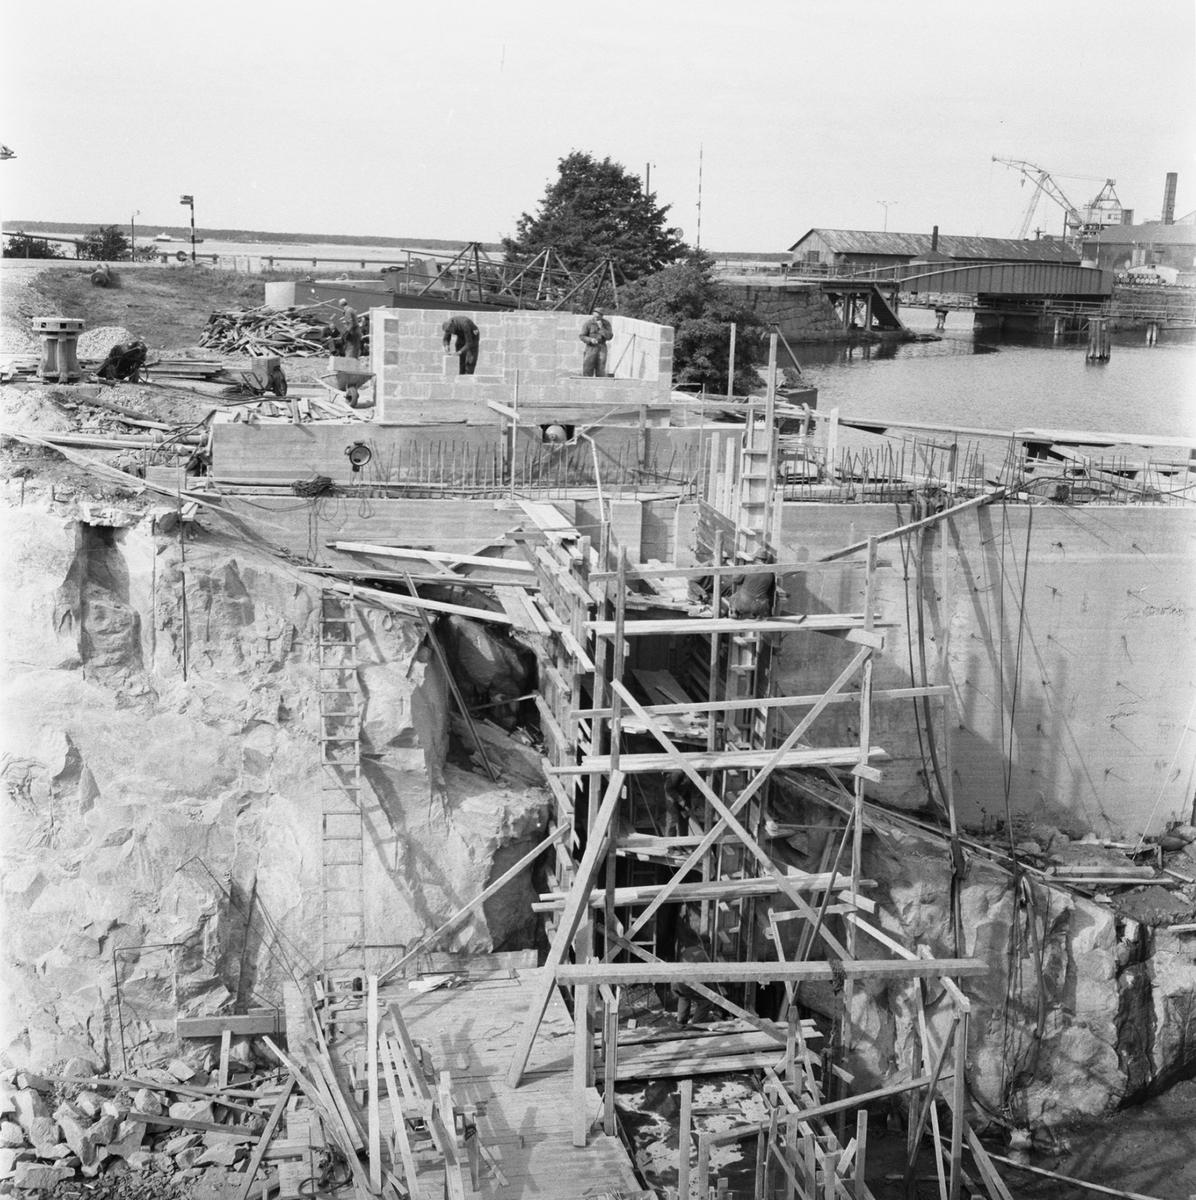 Övrigt: Fotodatum:18/9 1959 Byggnader och Kranar. Polhemsdockan omb